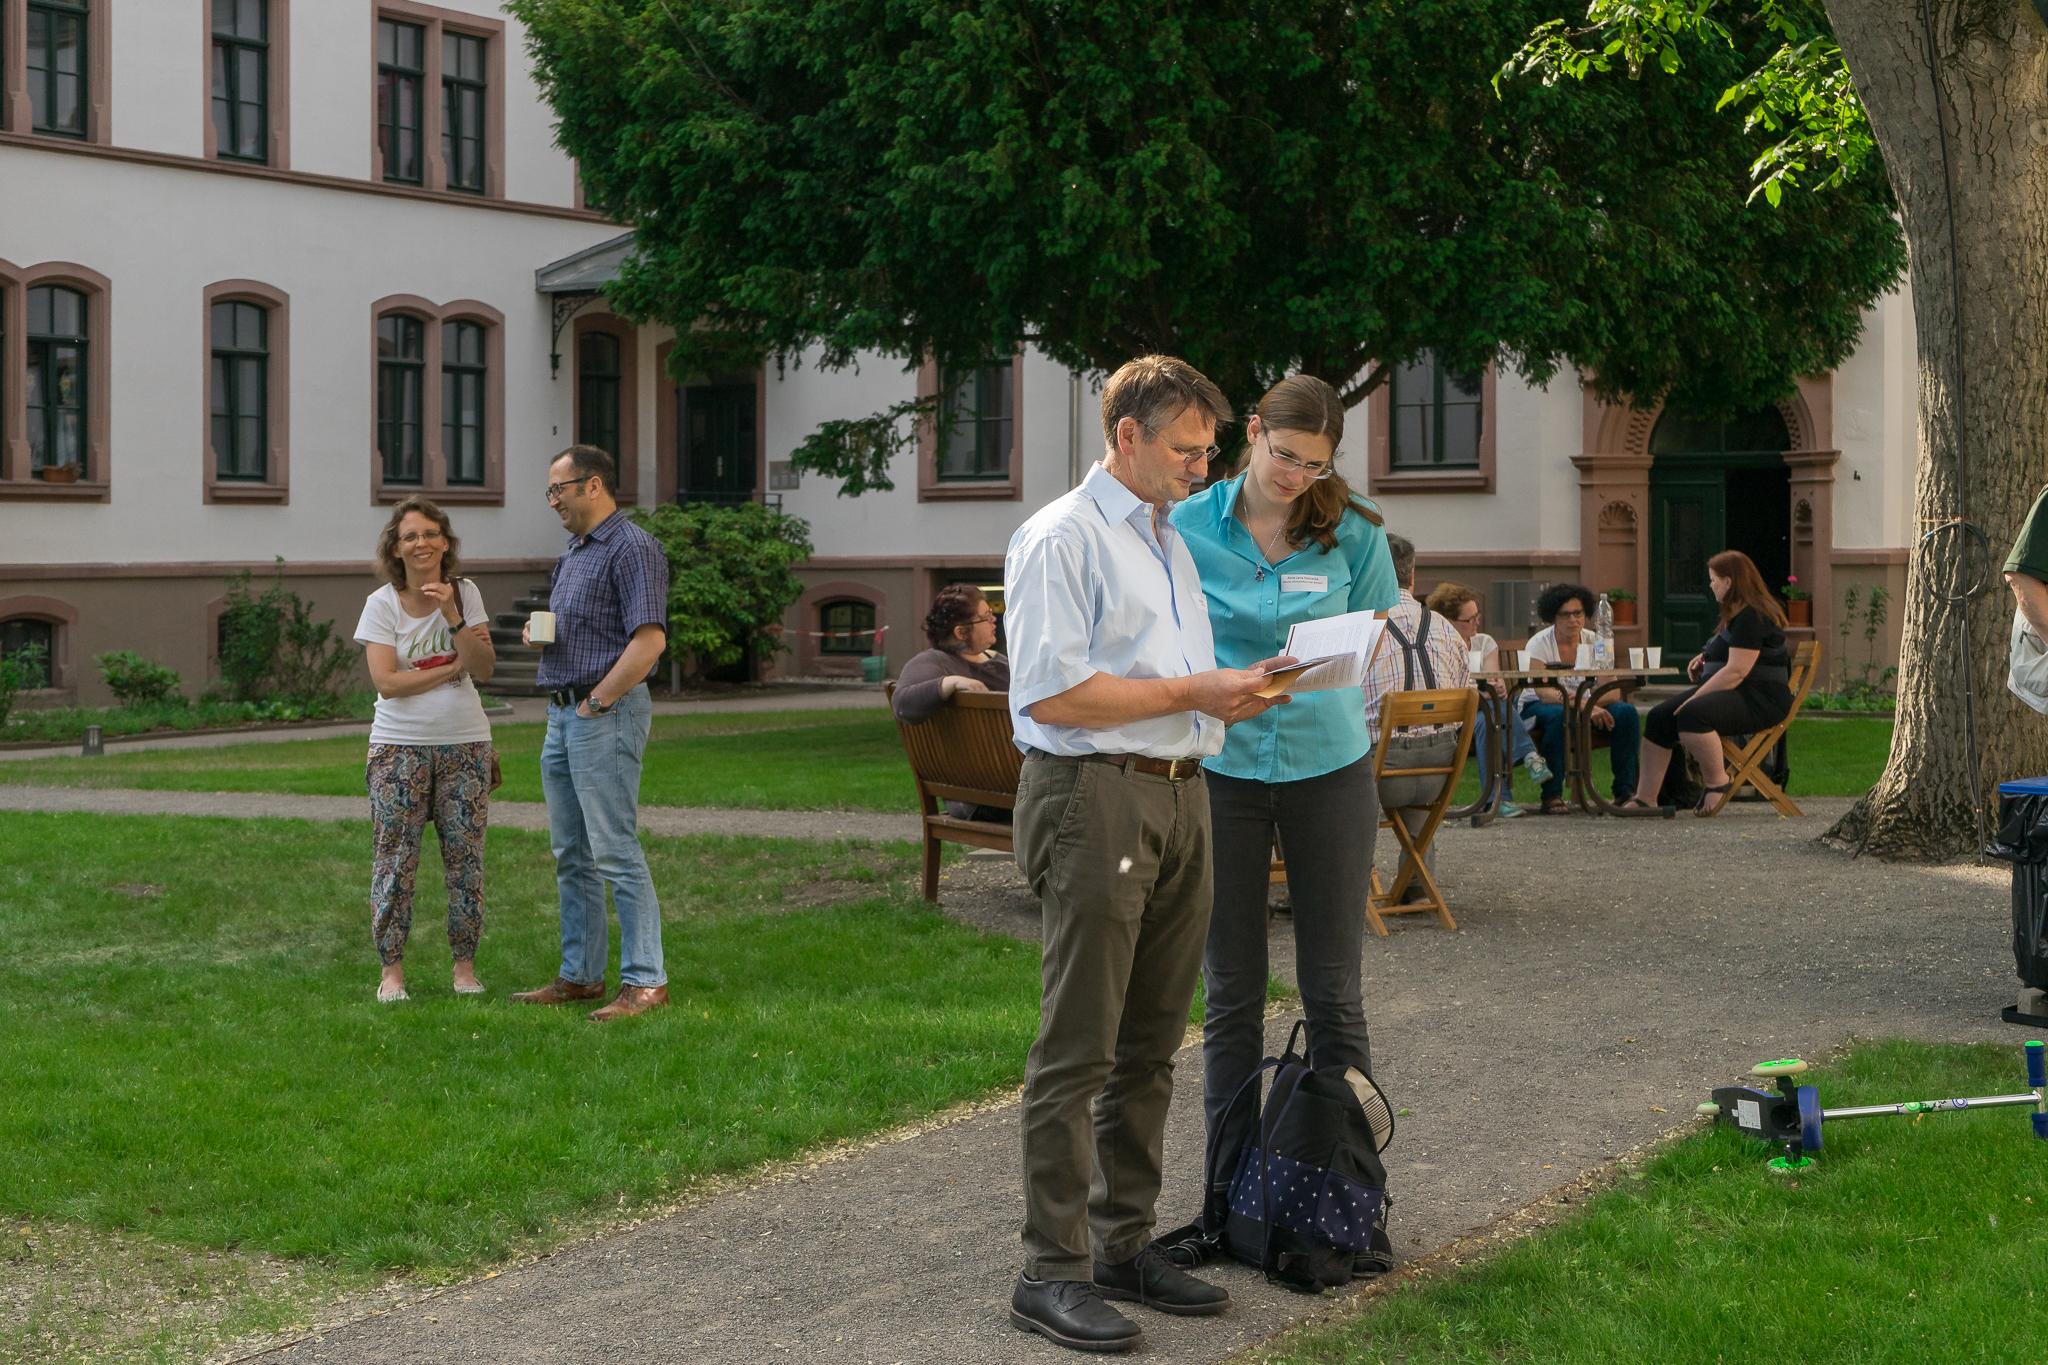 Wirtschaftsprüfer Rüdiger Bartsch mit Assistentin nehmen die Stiftung auf einmal nicht nur durch Zahlen wahr.